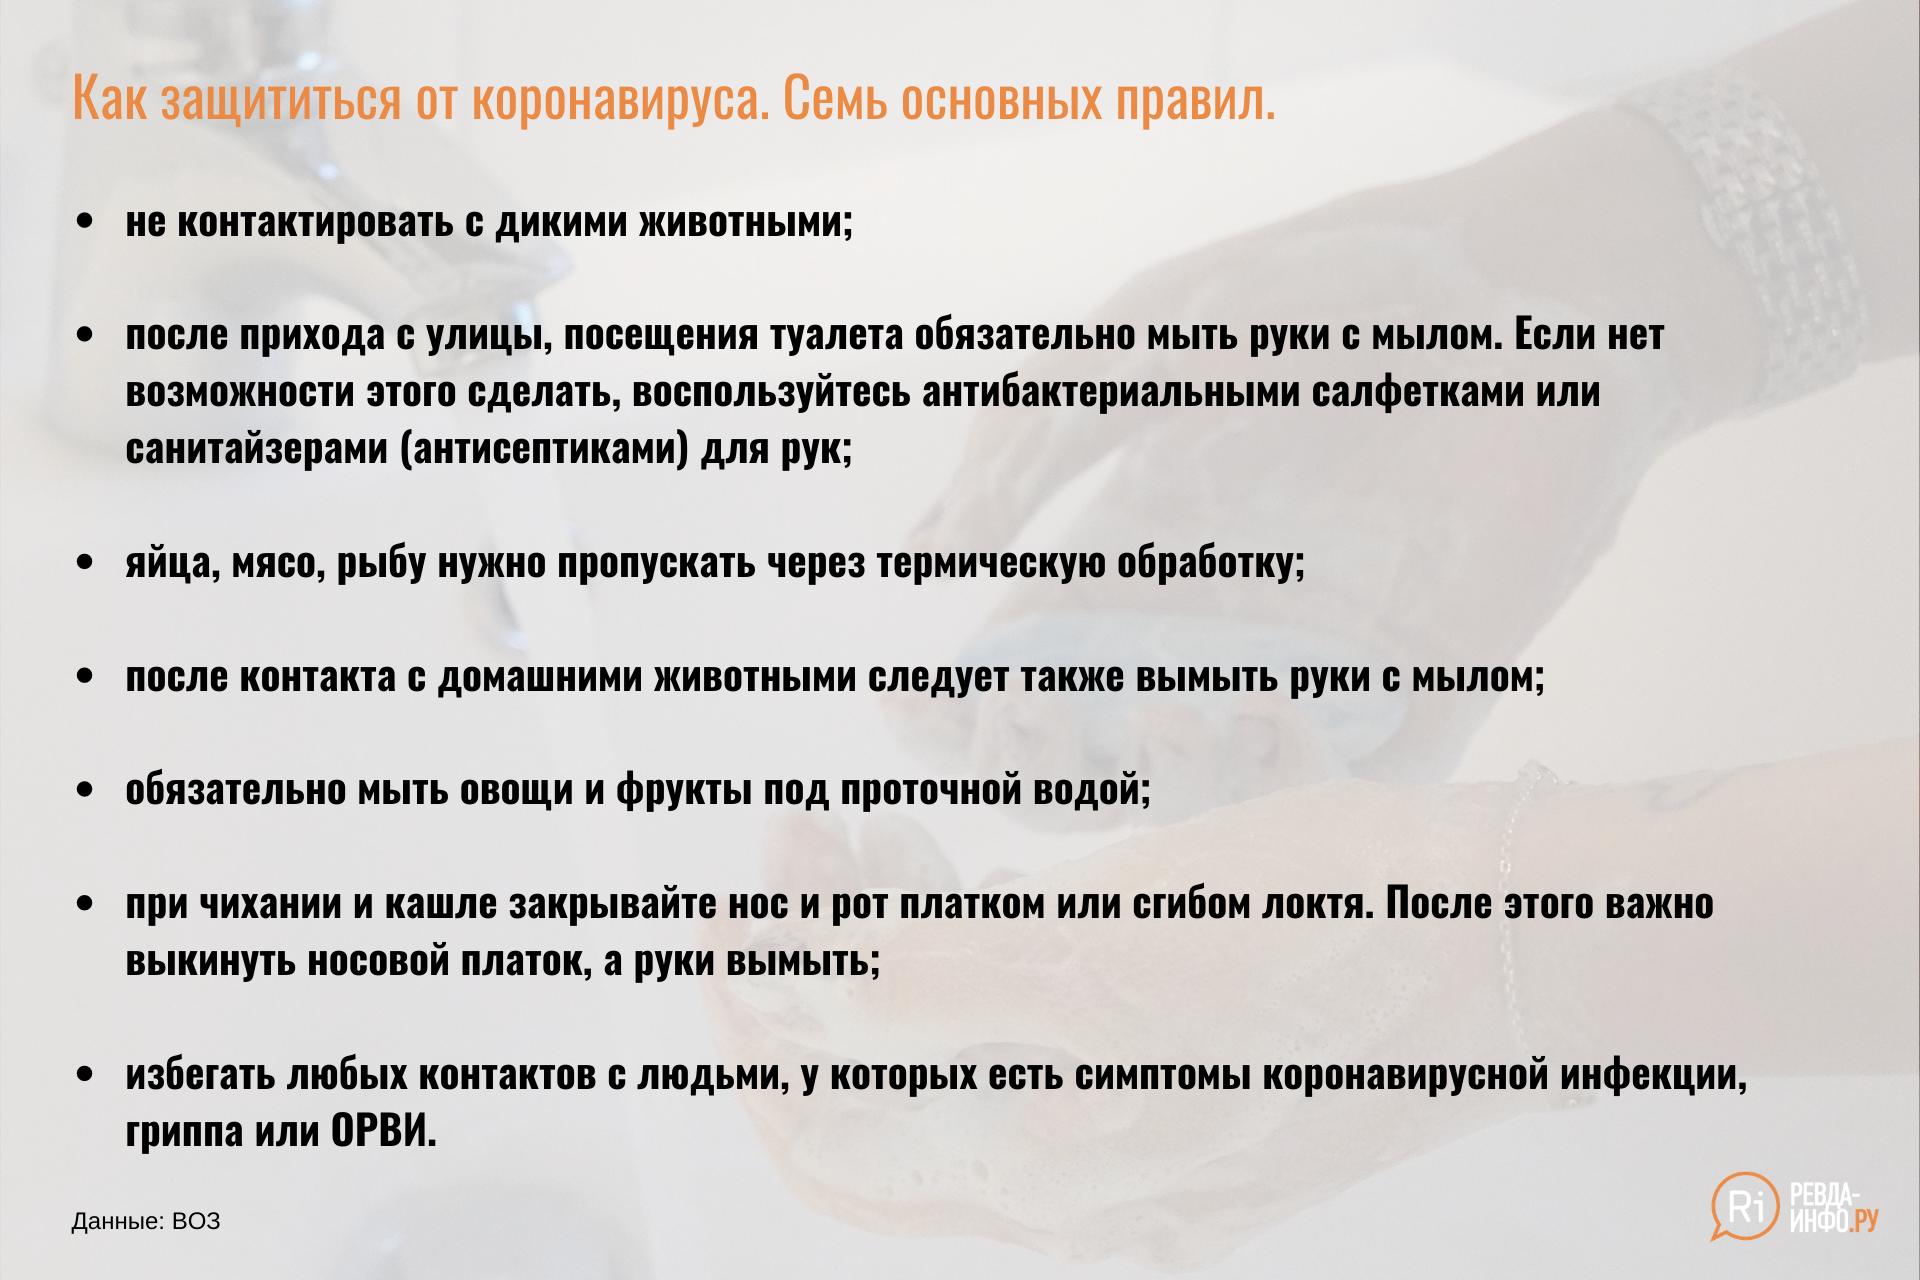 Kak-pravilno-ispolzovat-medetsinskuyu-masku_-kopiya